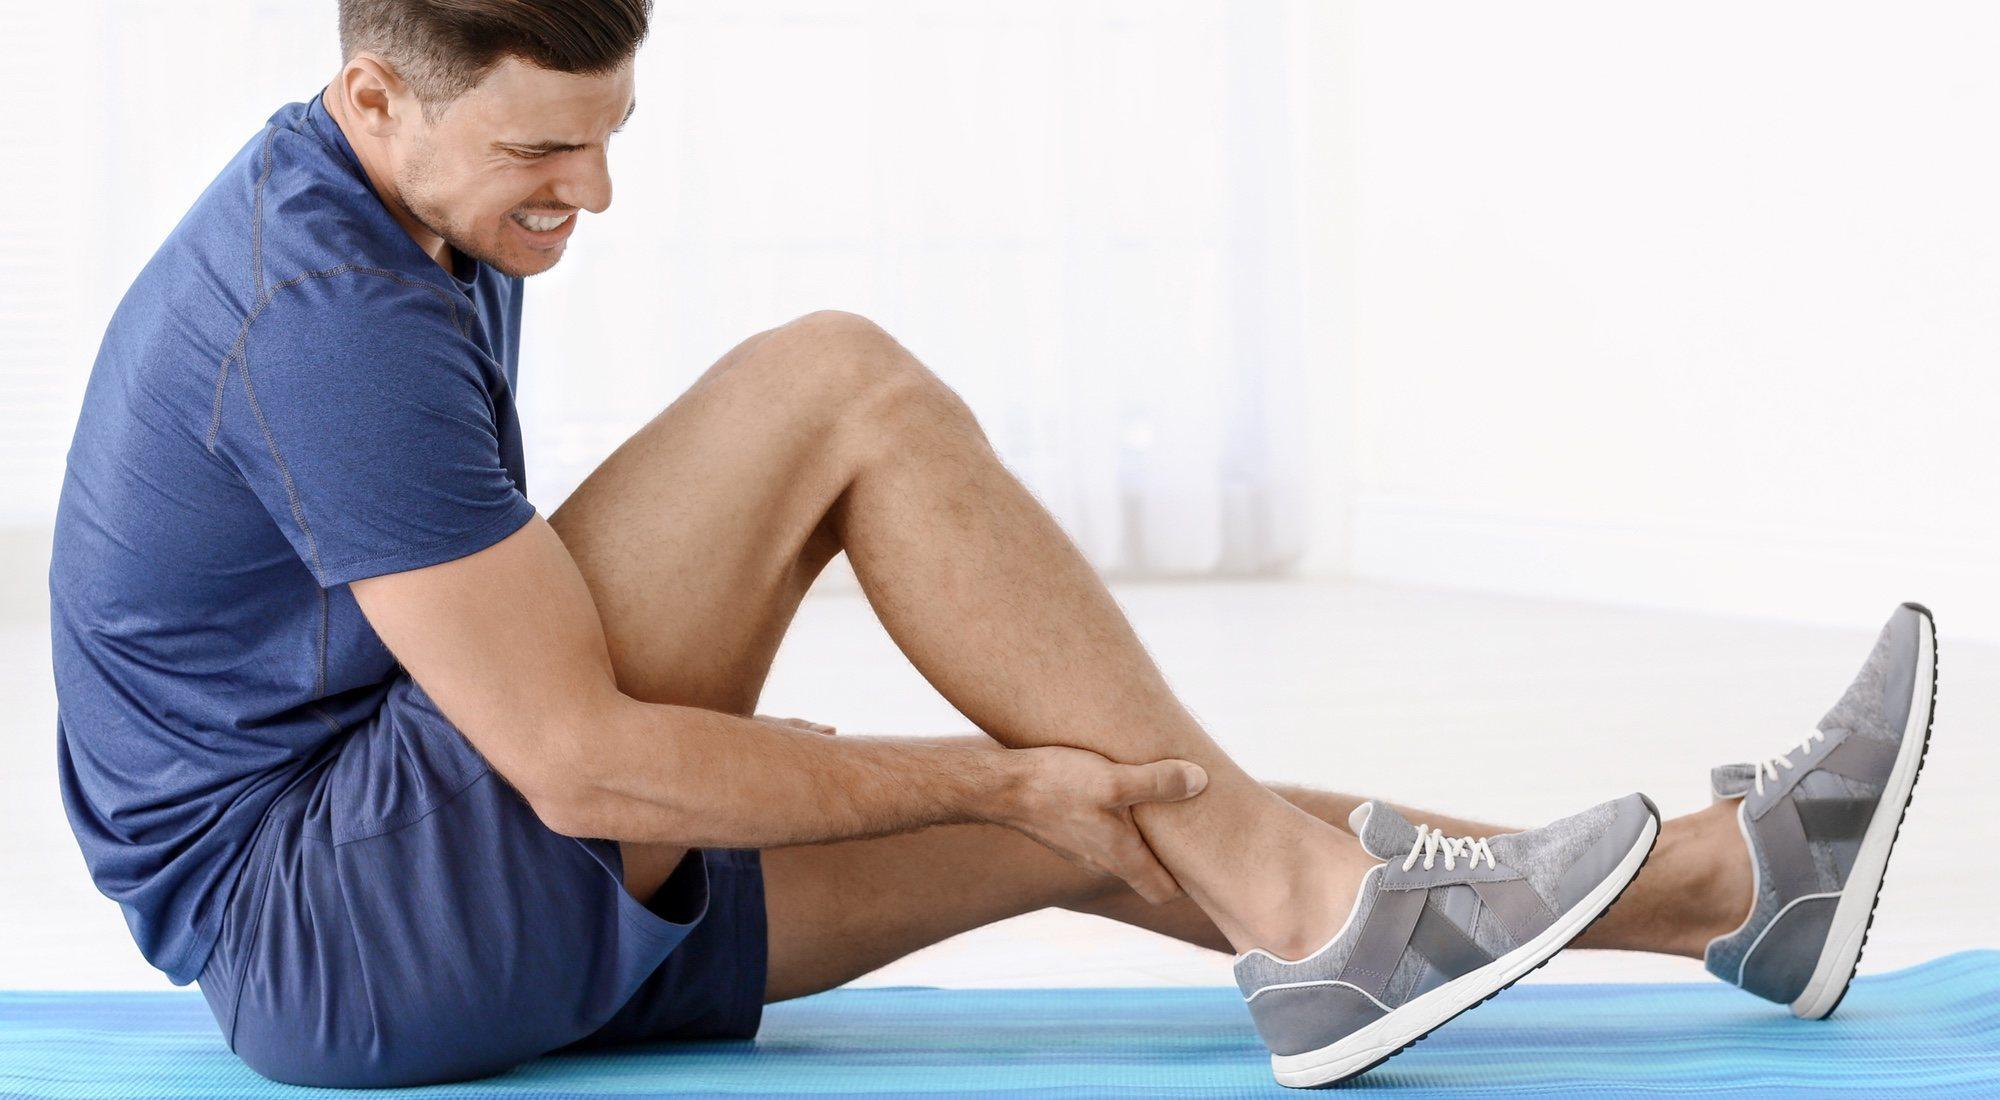 Dolor en las piernas: causas, síntomas y formas de aliviarlo